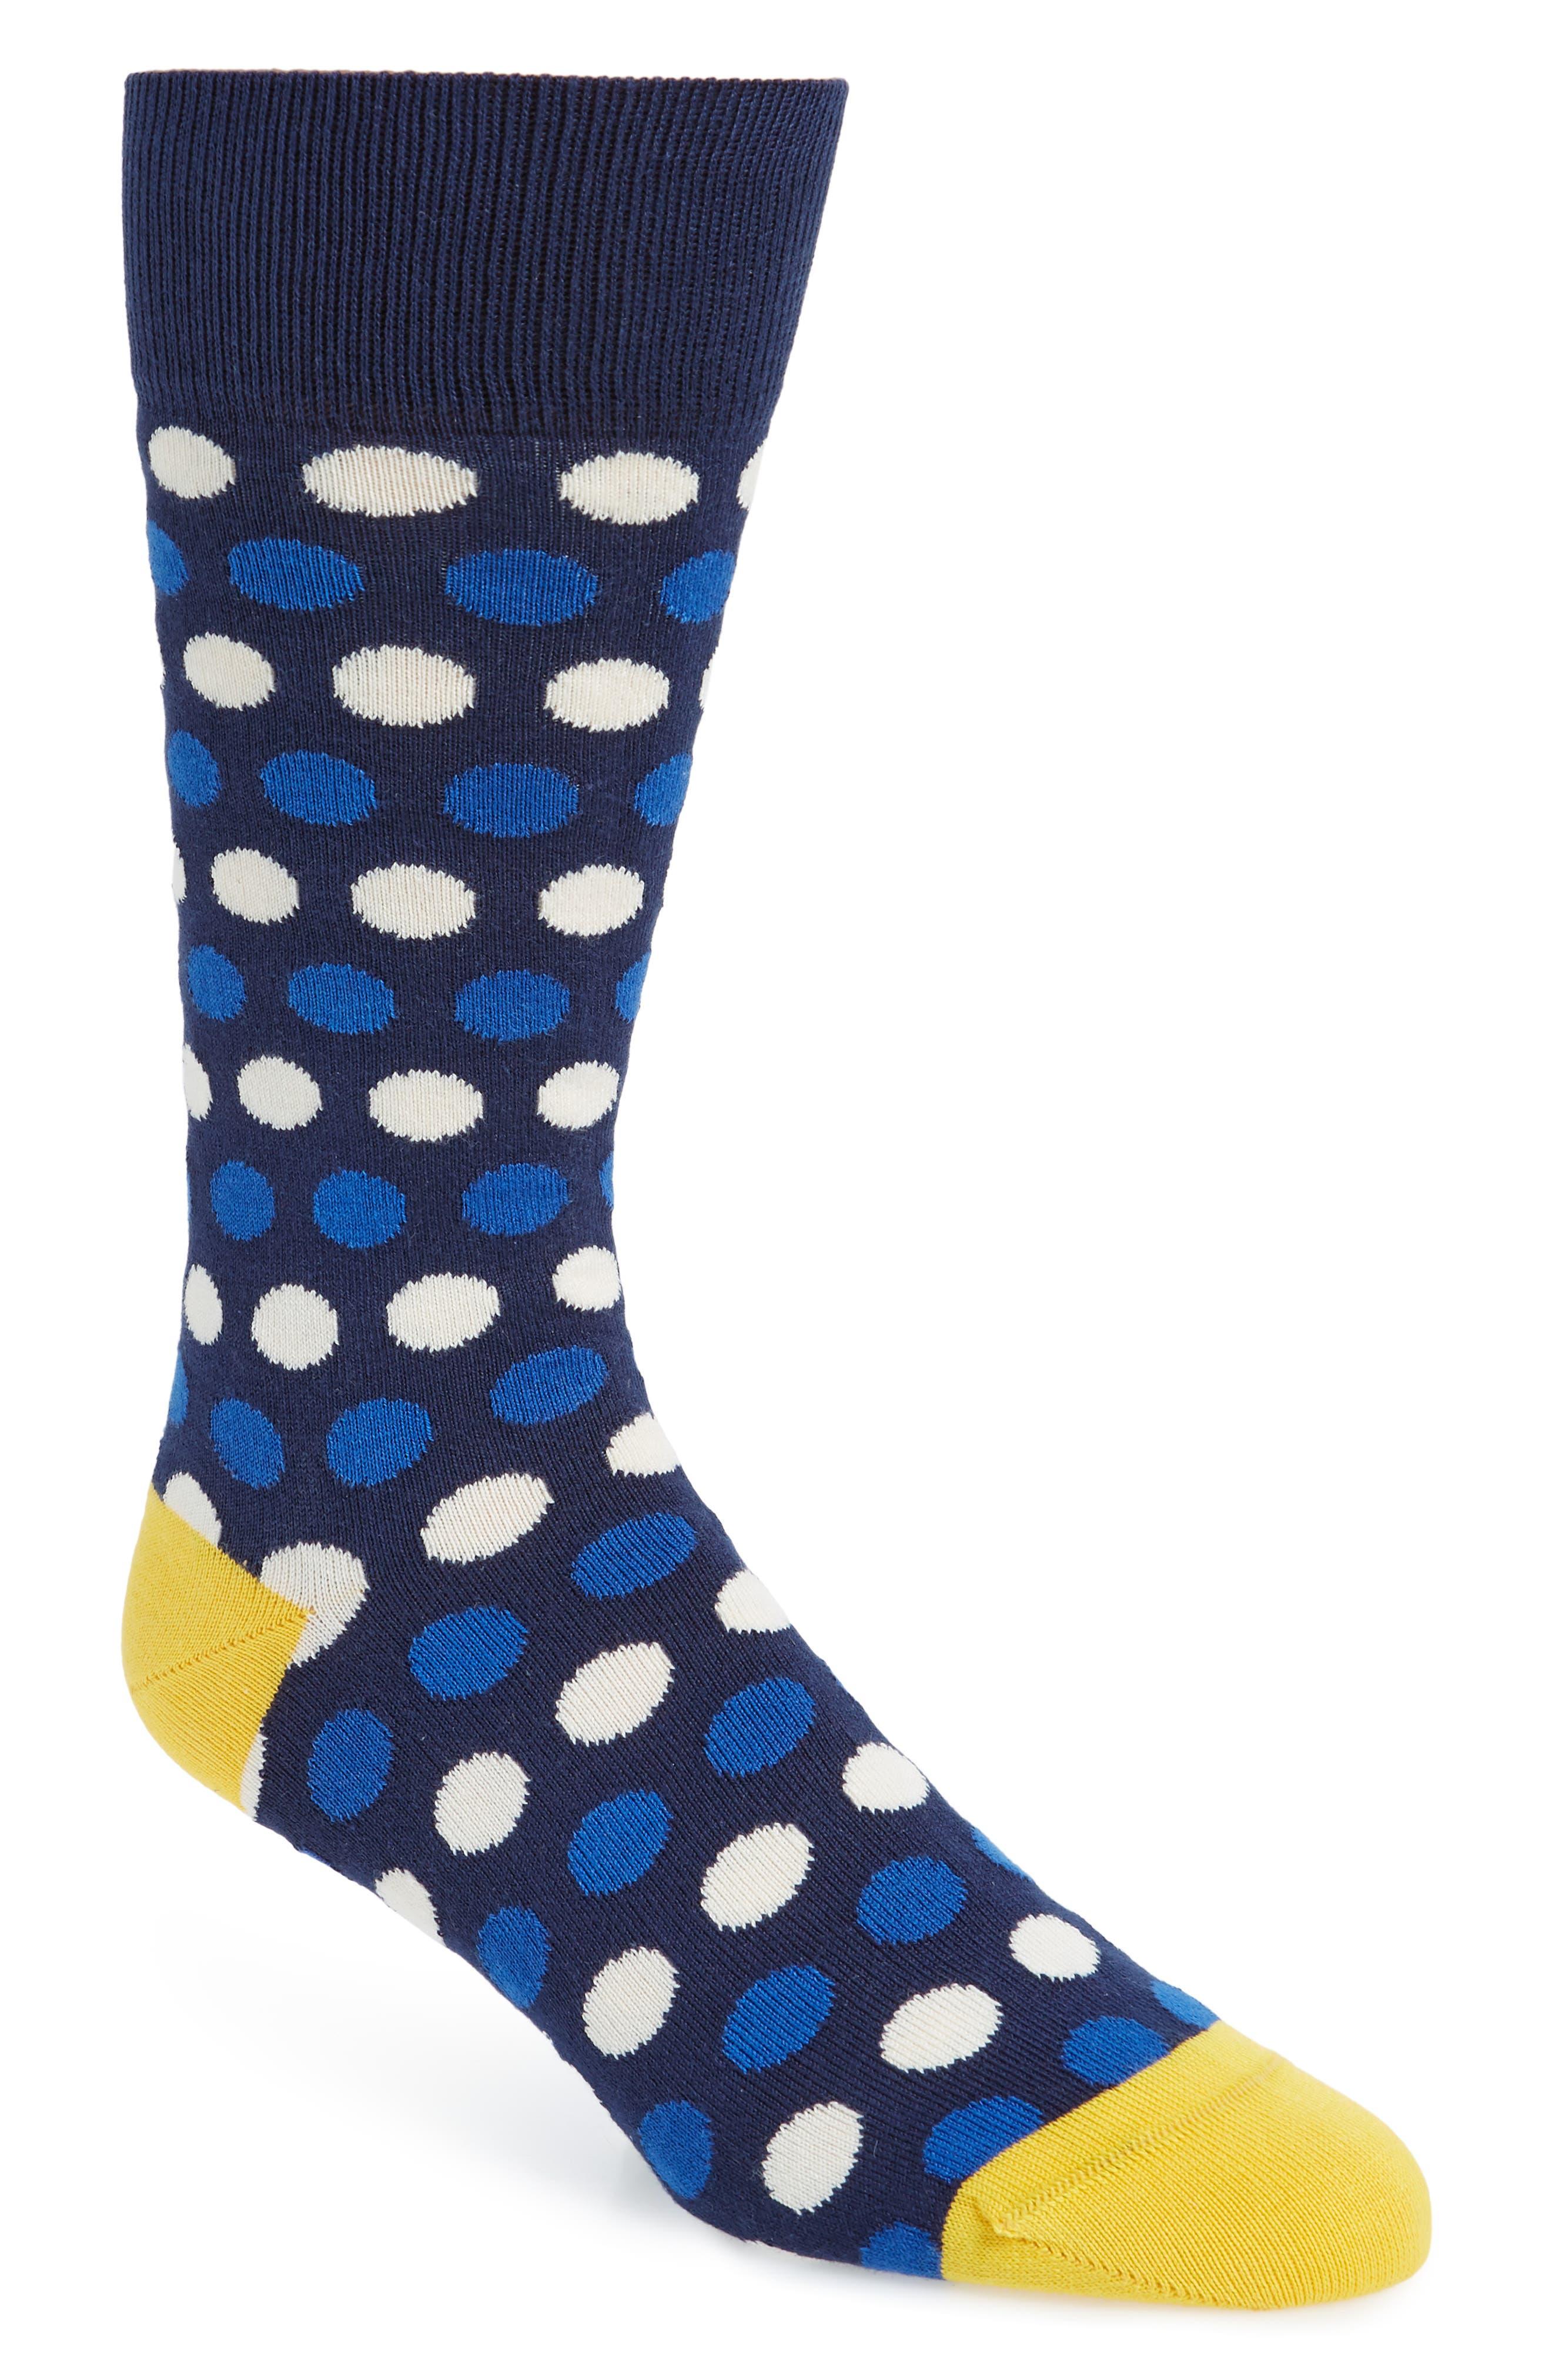 PAUL SMITH Dot Stripe Socks, Main, color, NAVY